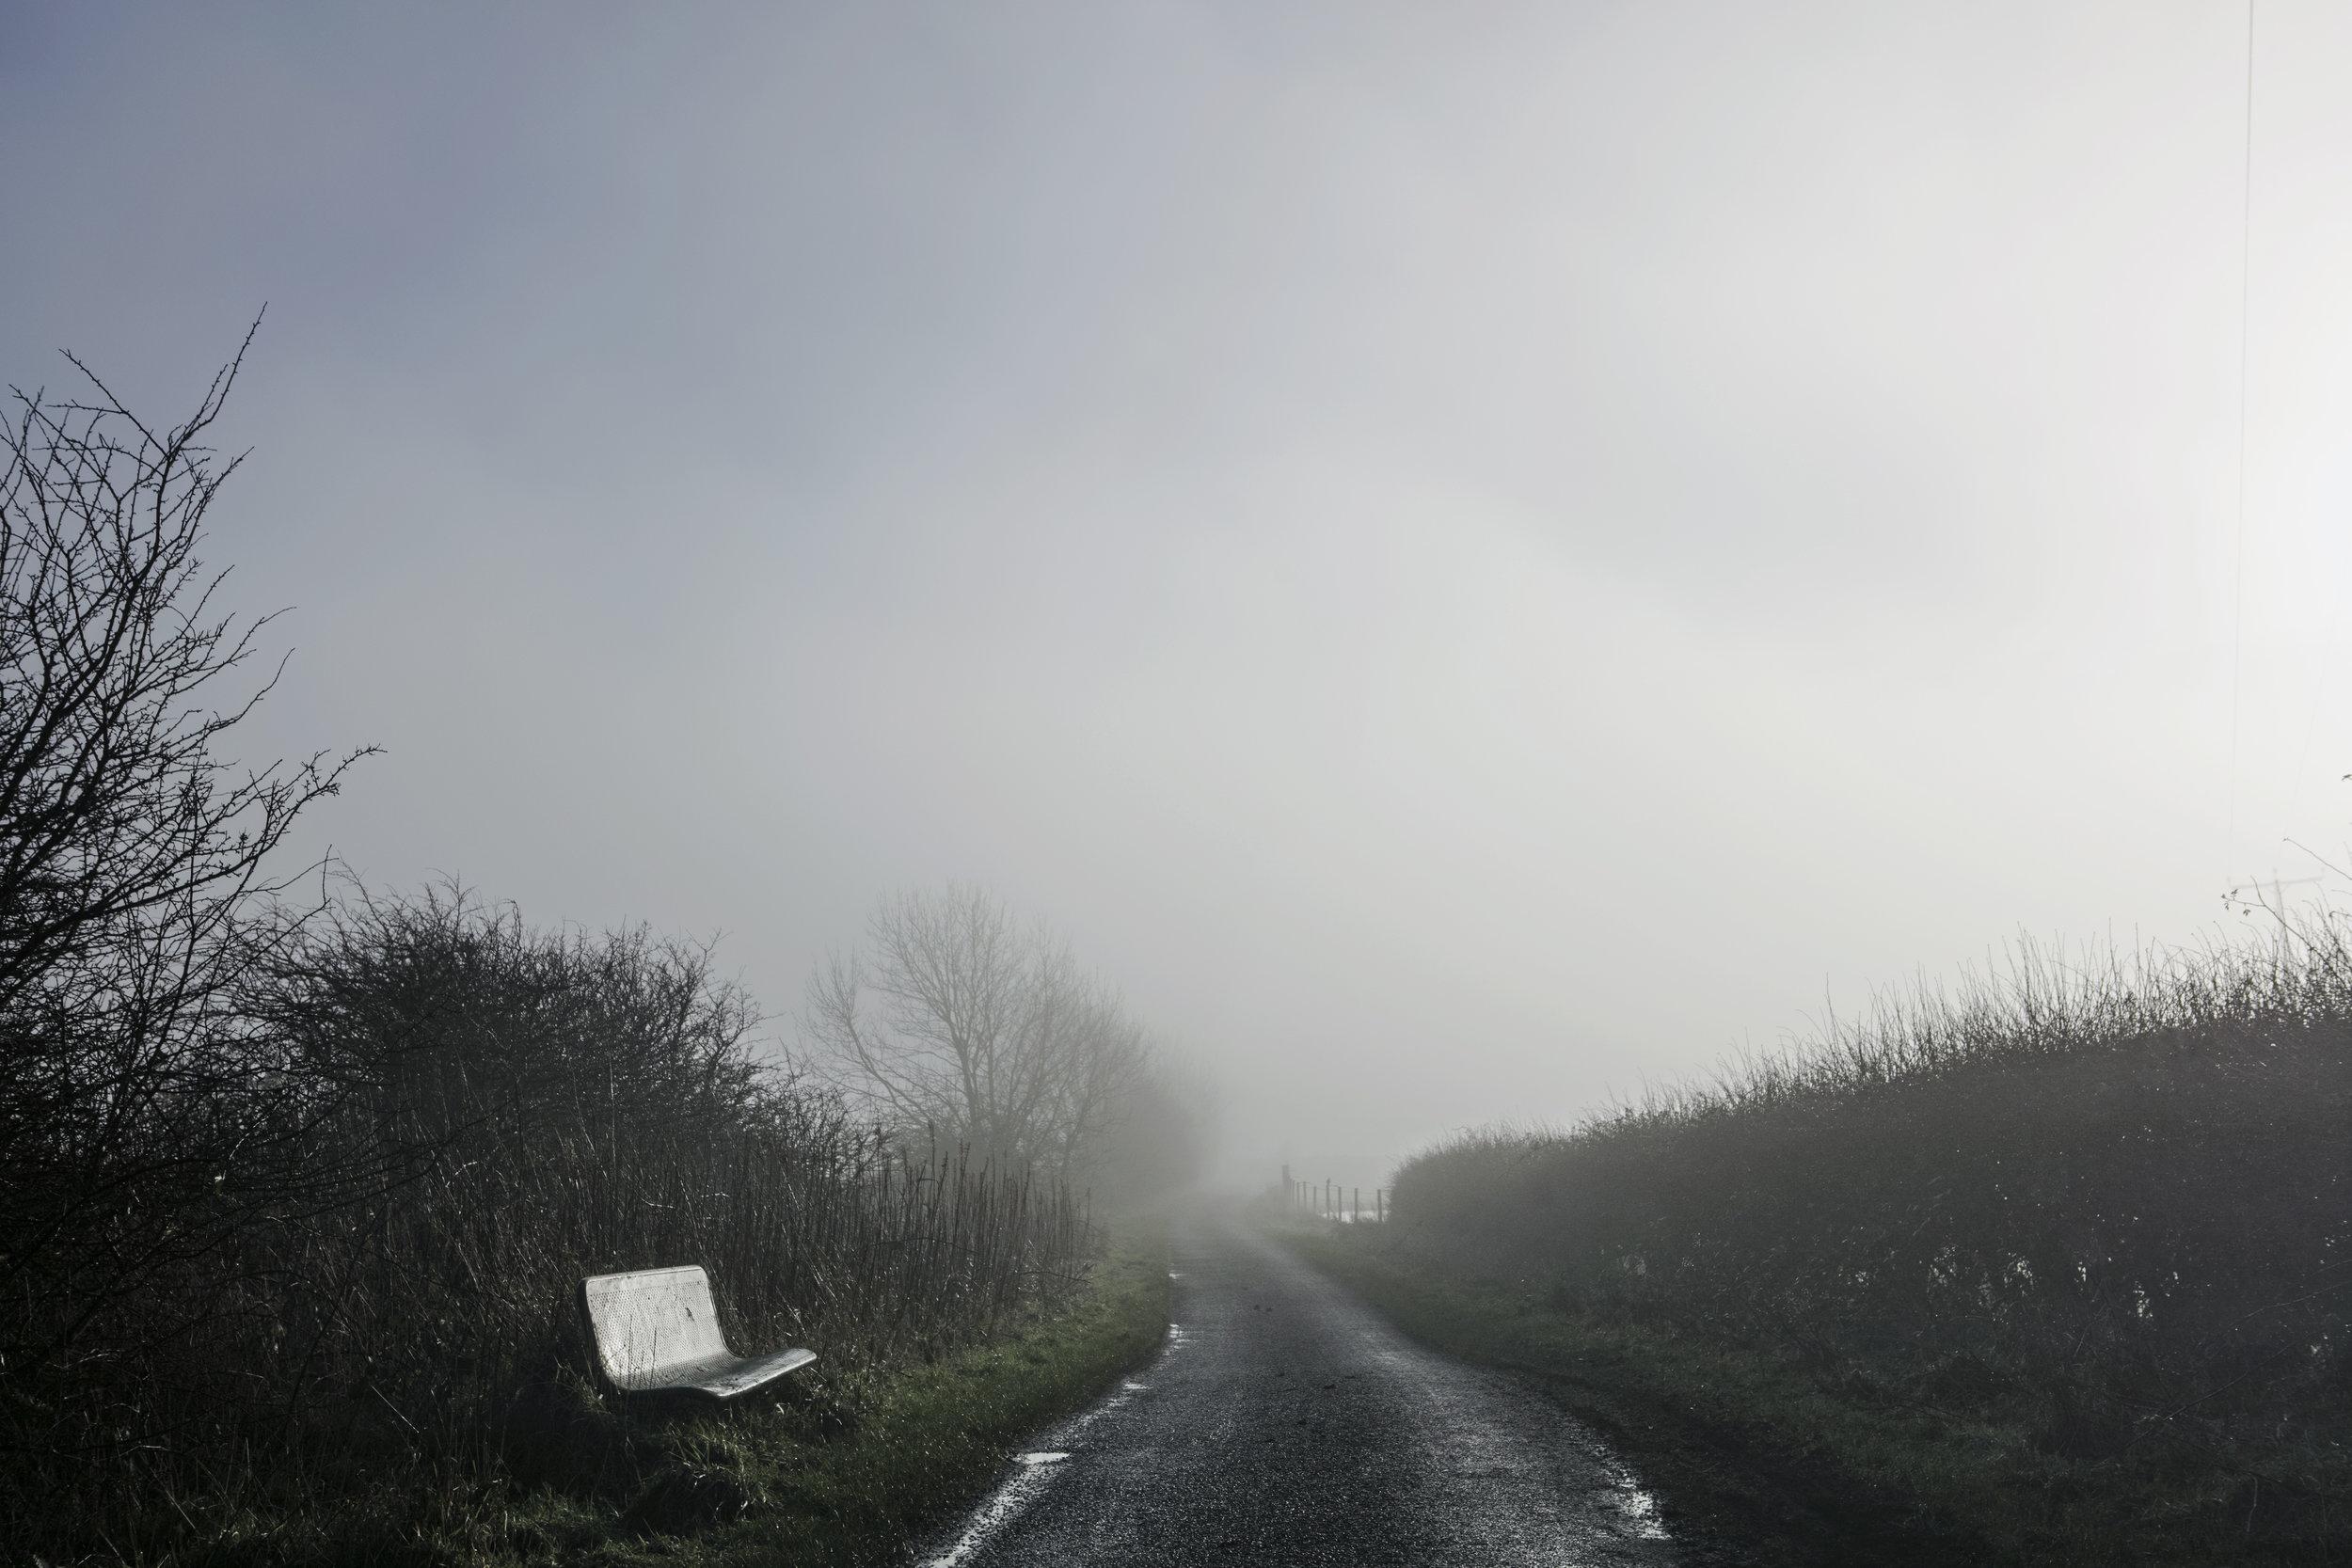 Dan Prince -road in misty landscape